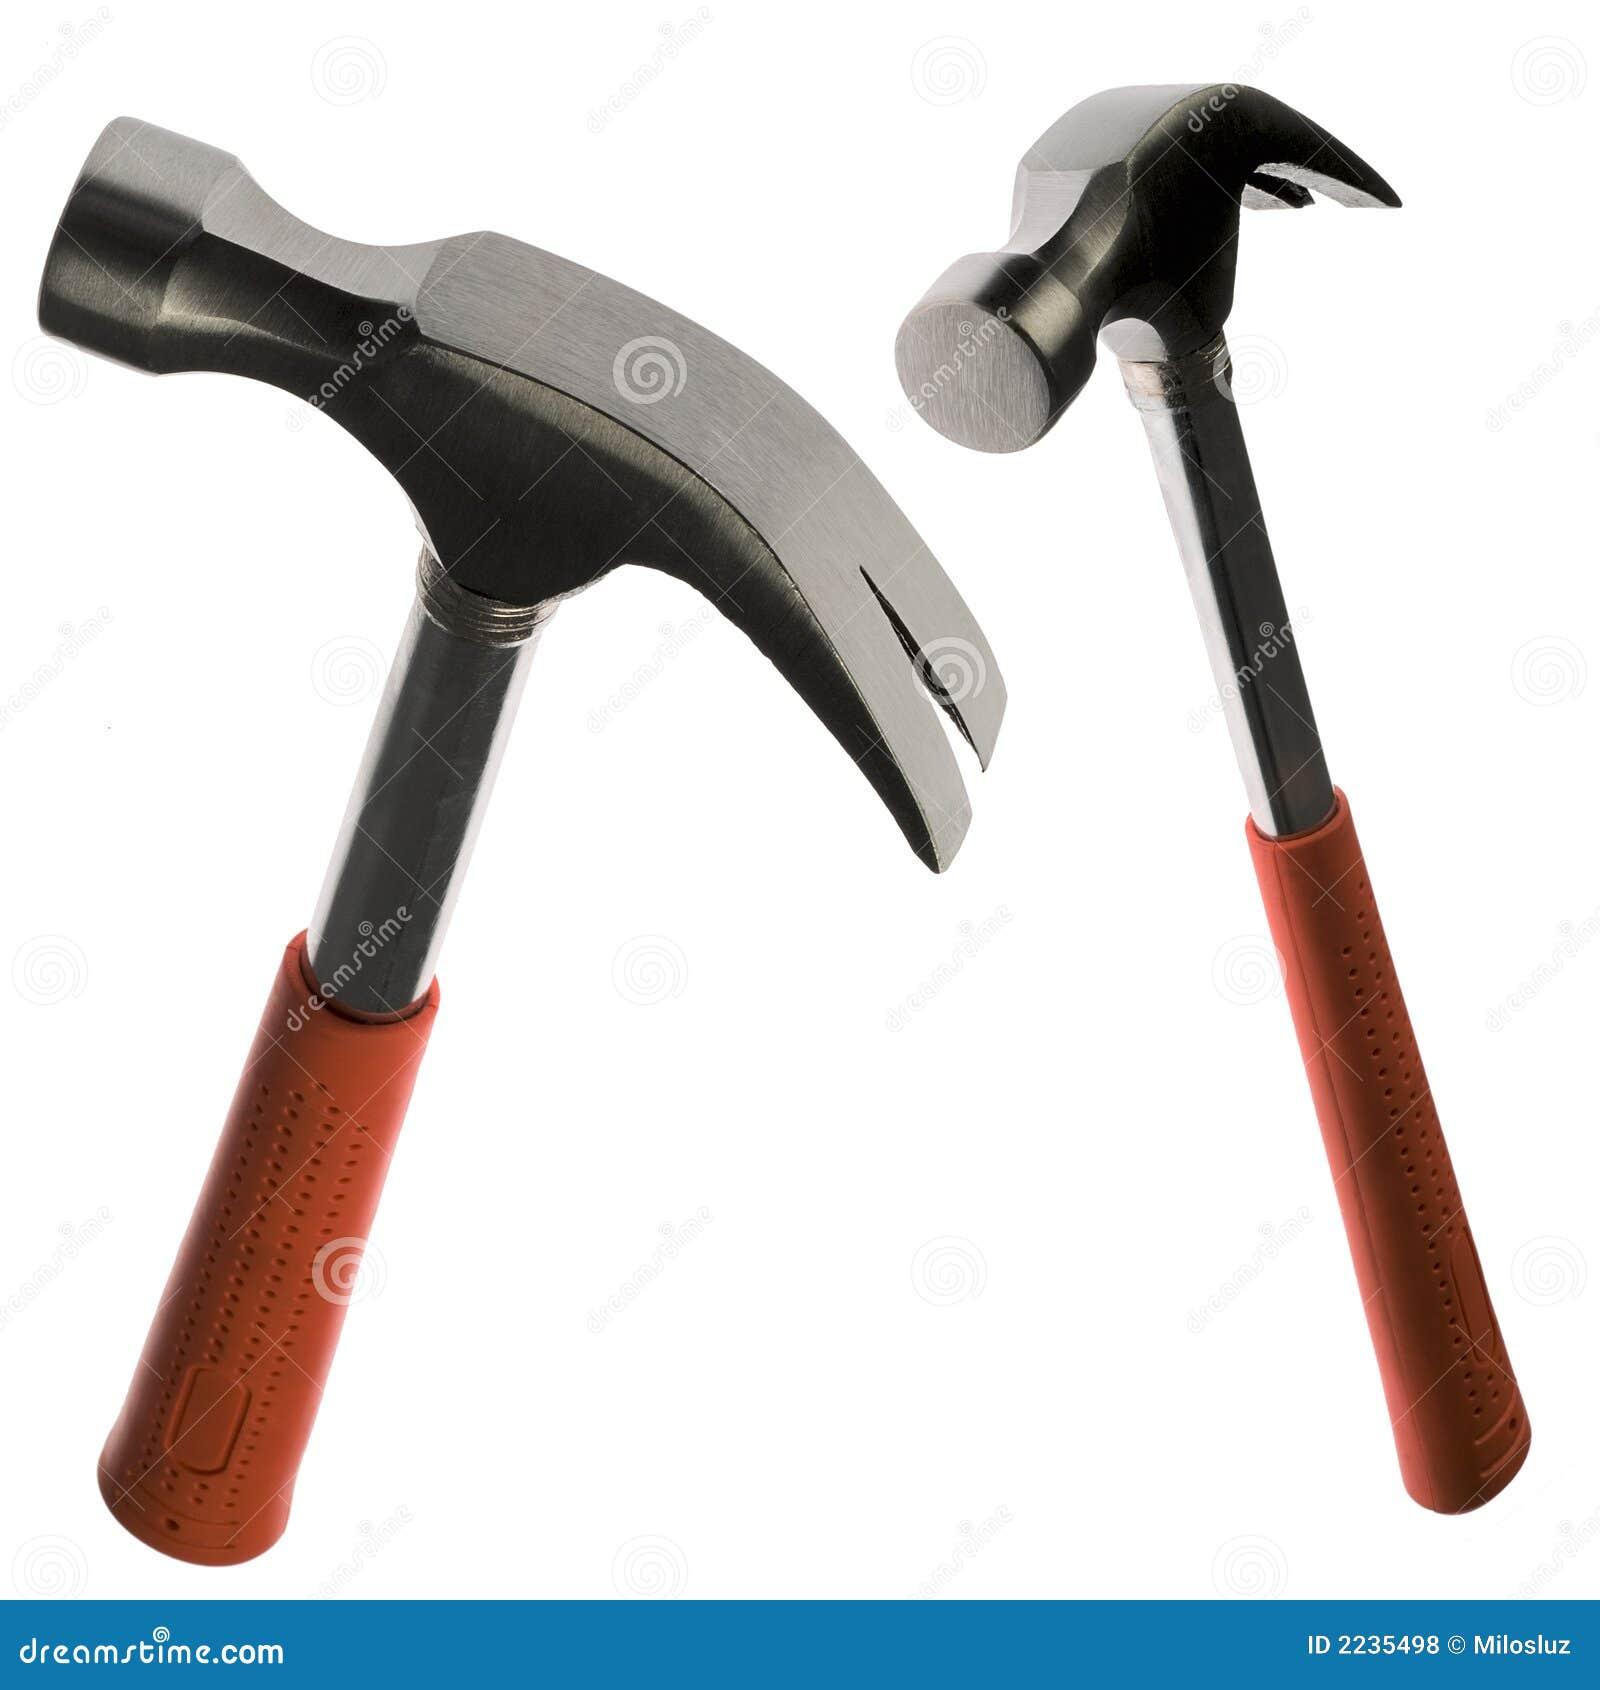 hammer stockfoto bild von metall zwei hilfsmittel reparatur 2235498. Black Bedroom Furniture Sets. Home Design Ideas